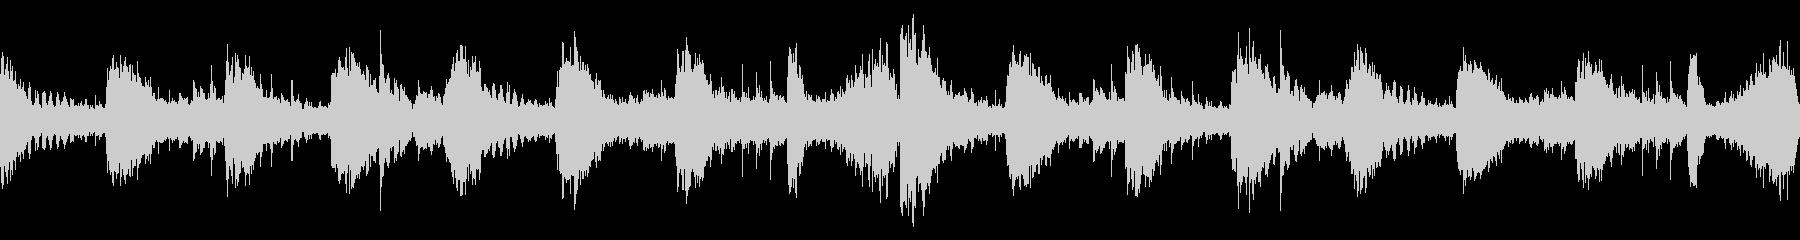 アンビエント、シネマティック系ループの未再生の波形